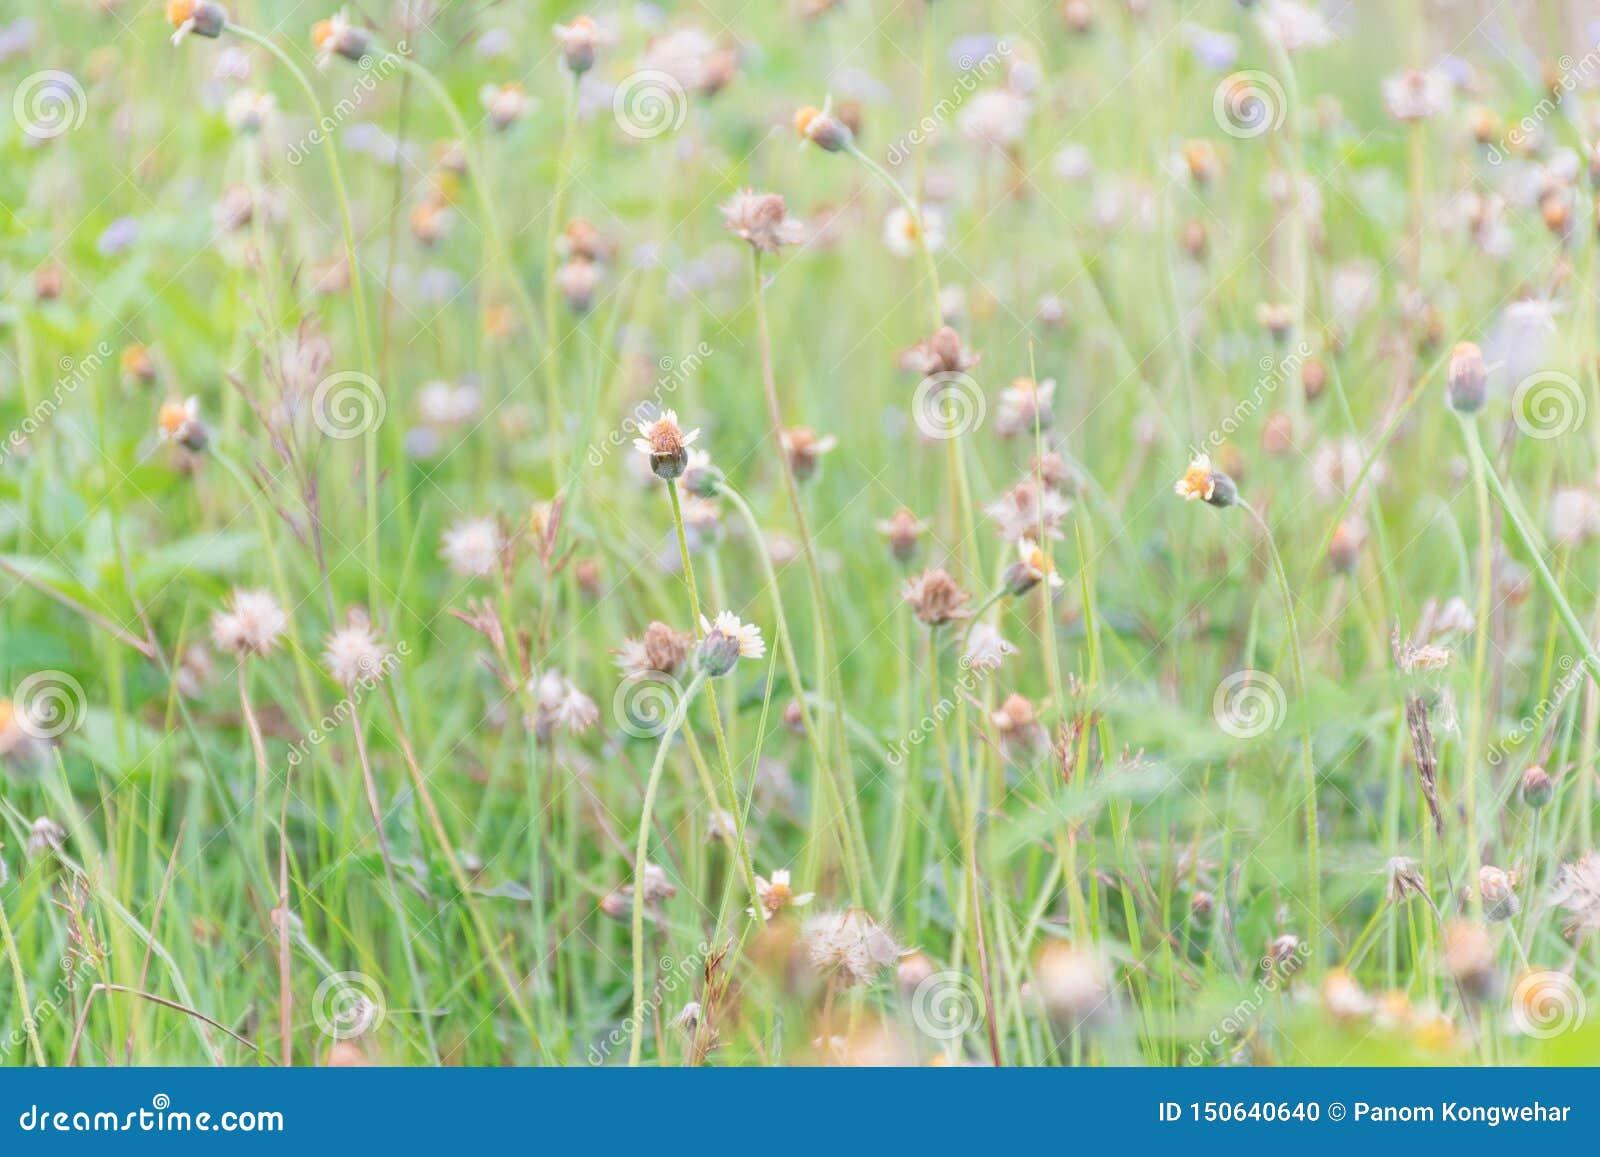 Många gräsblommor